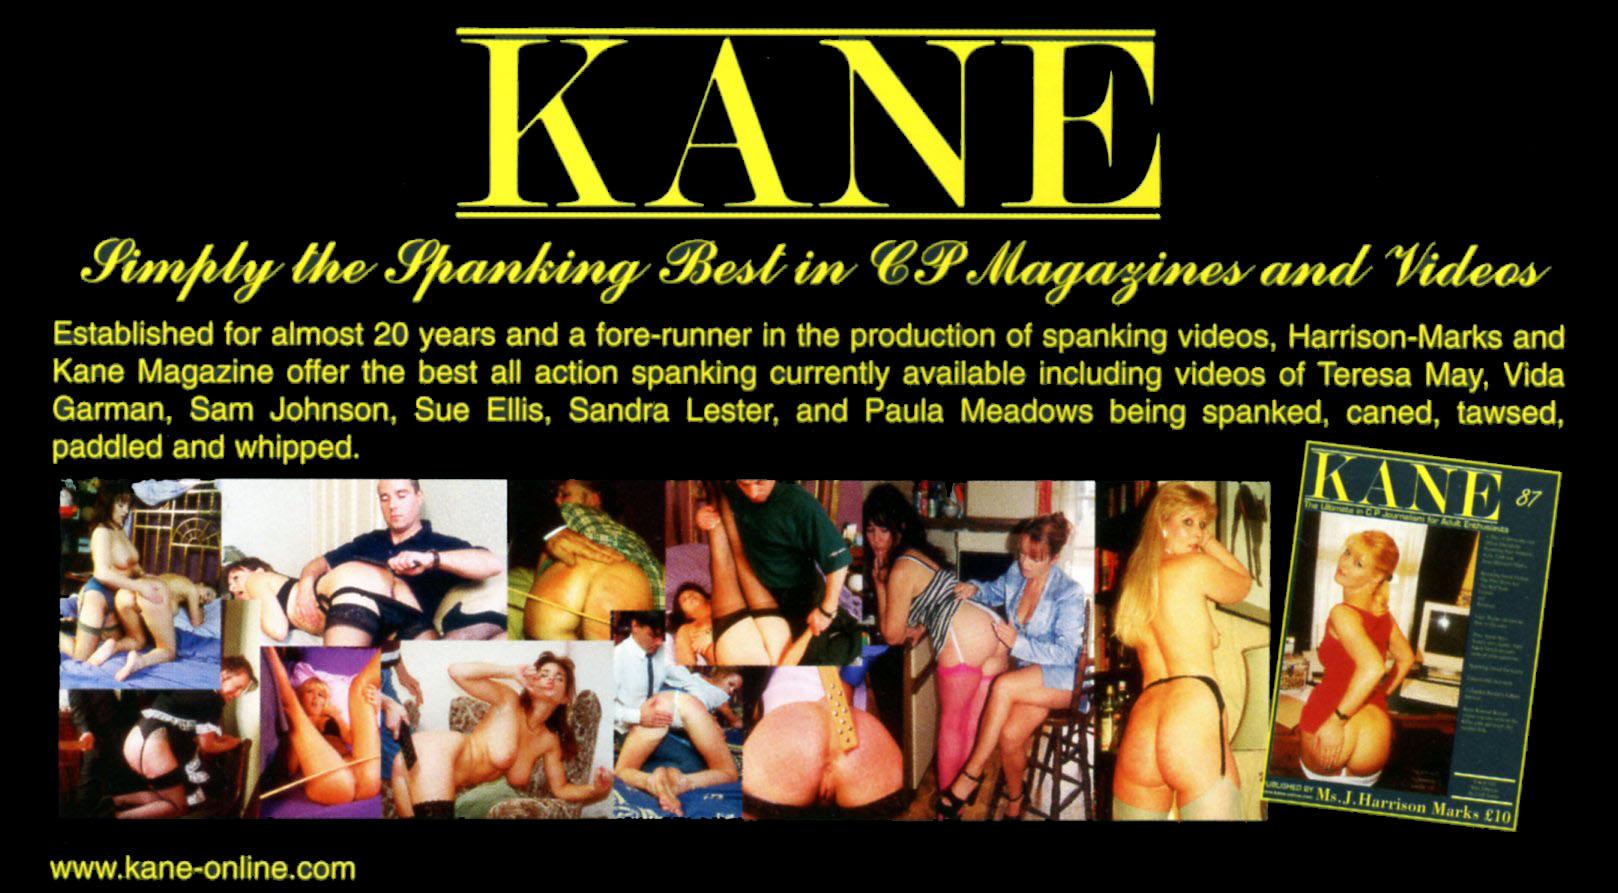 Kane Magazine by Harrision Marks